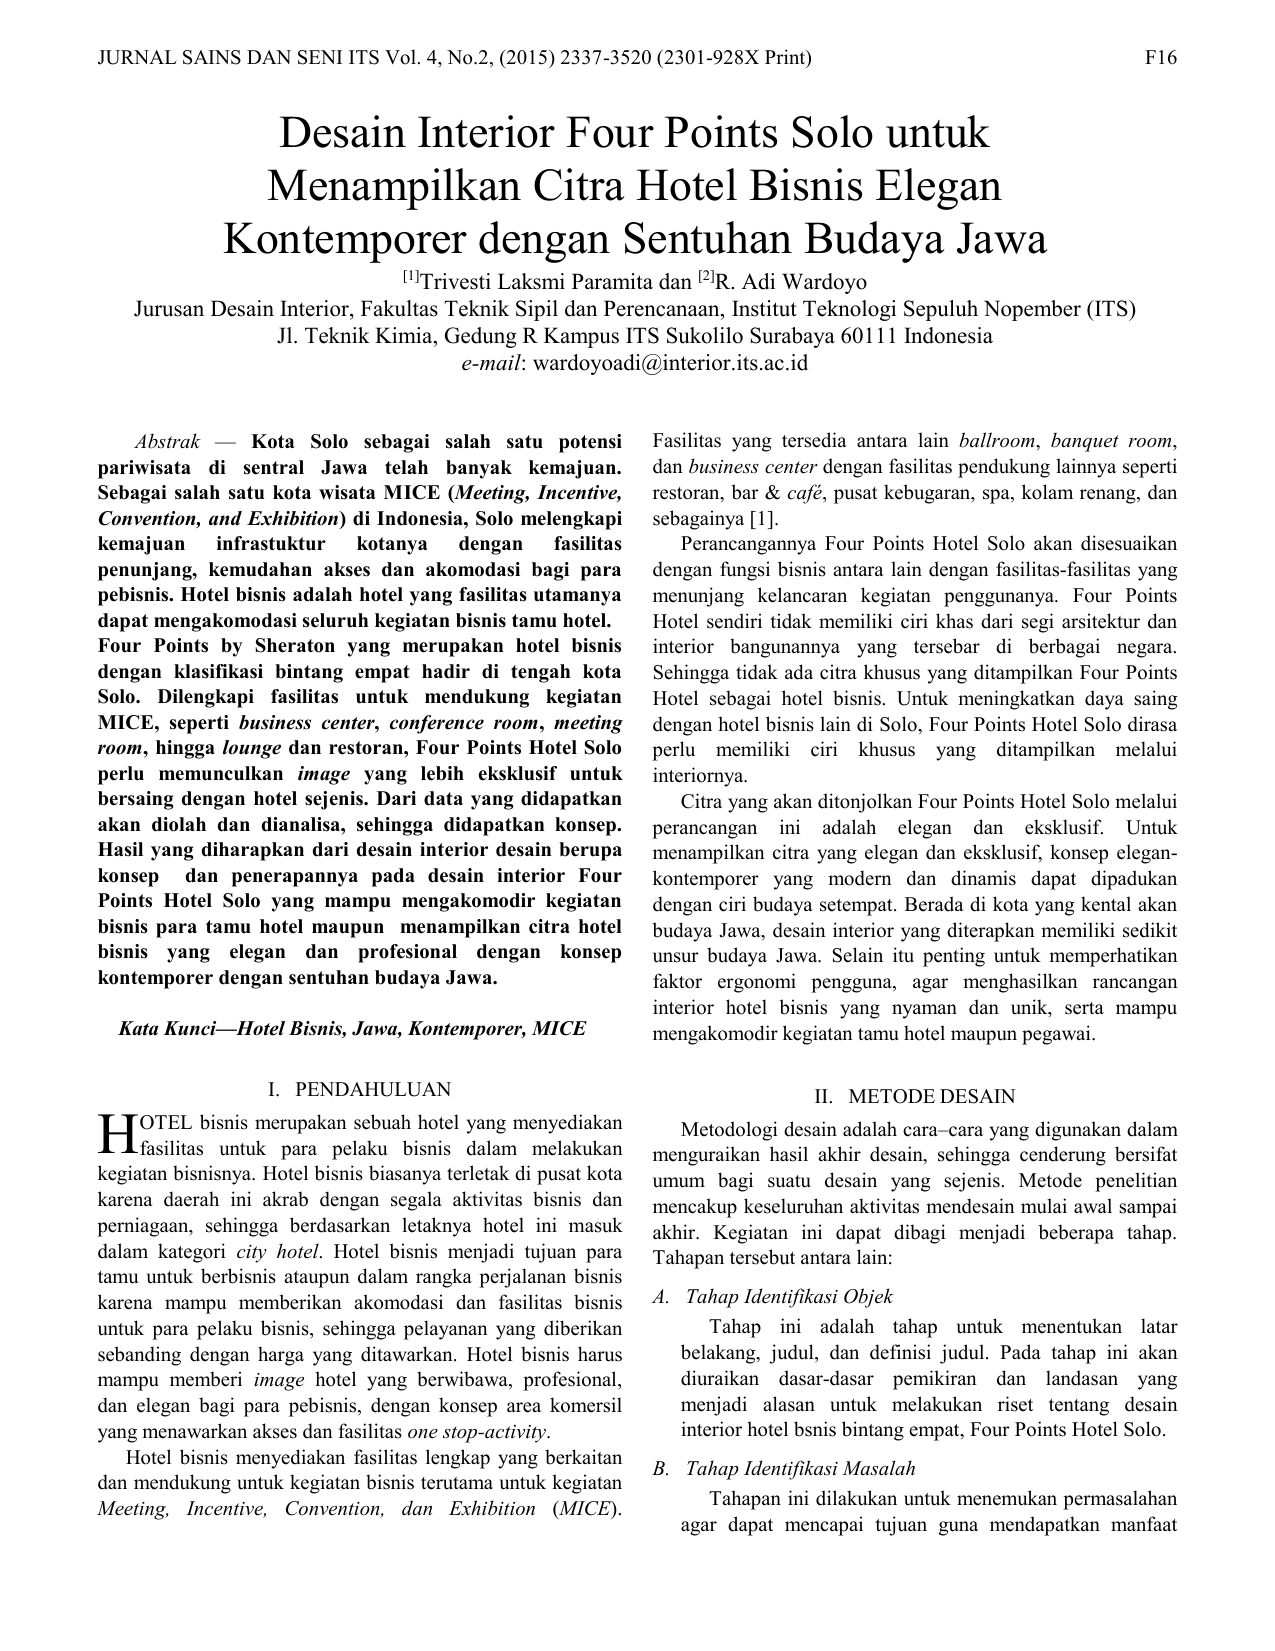 880 Koleksi Ide Jurnal Penelitian Desain Interior HD Unduh Gratis